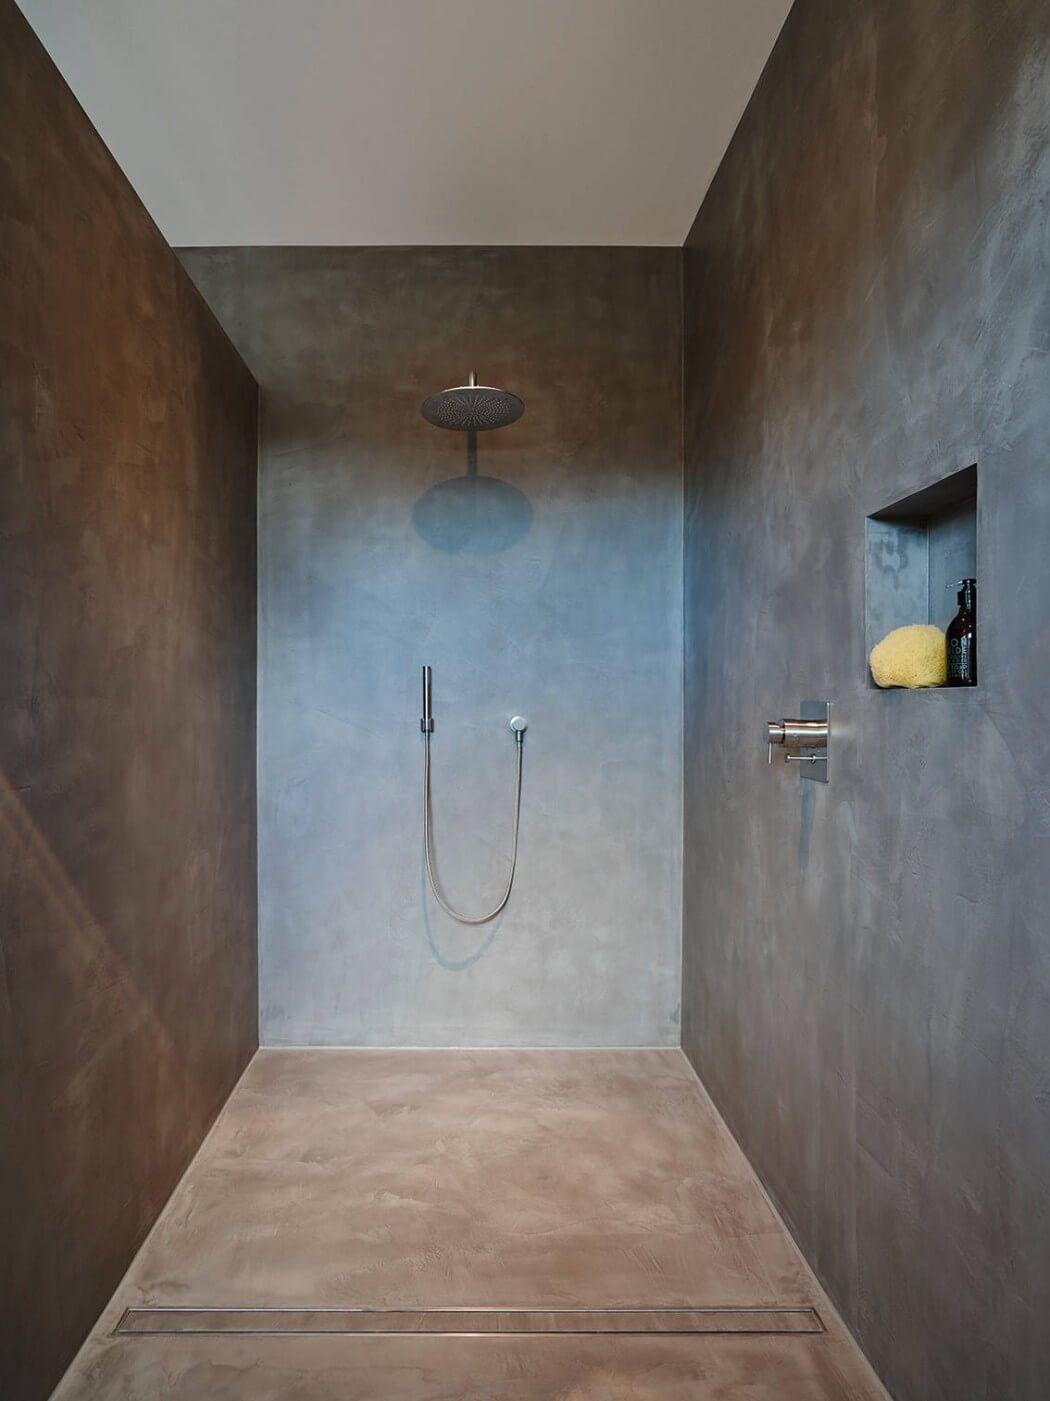 id es pour d corer un appartement sobre et chaleureux projets essayer pinterest douche. Black Bedroom Furniture Sets. Home Design Ideas